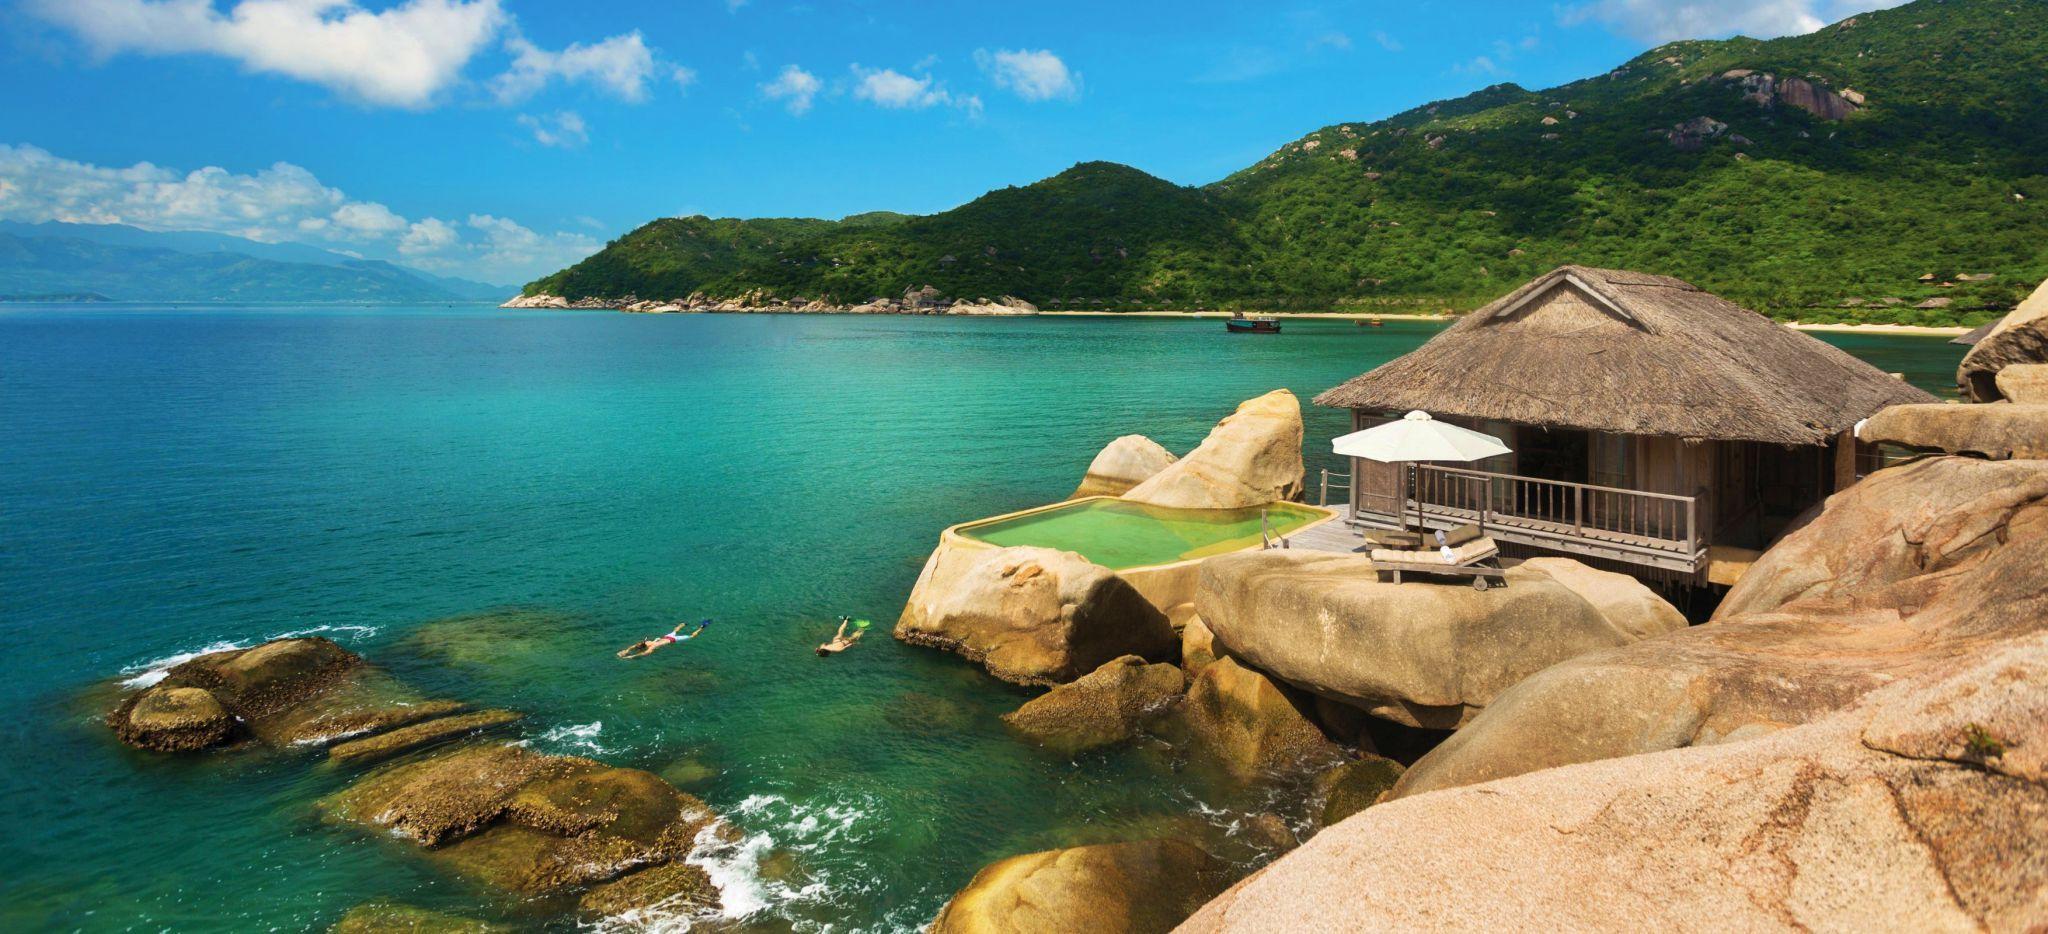 Ein Hotelzimmer in der Ninh Van Bay in Vietnam, auf die Felsen direkt am Meer gebaut